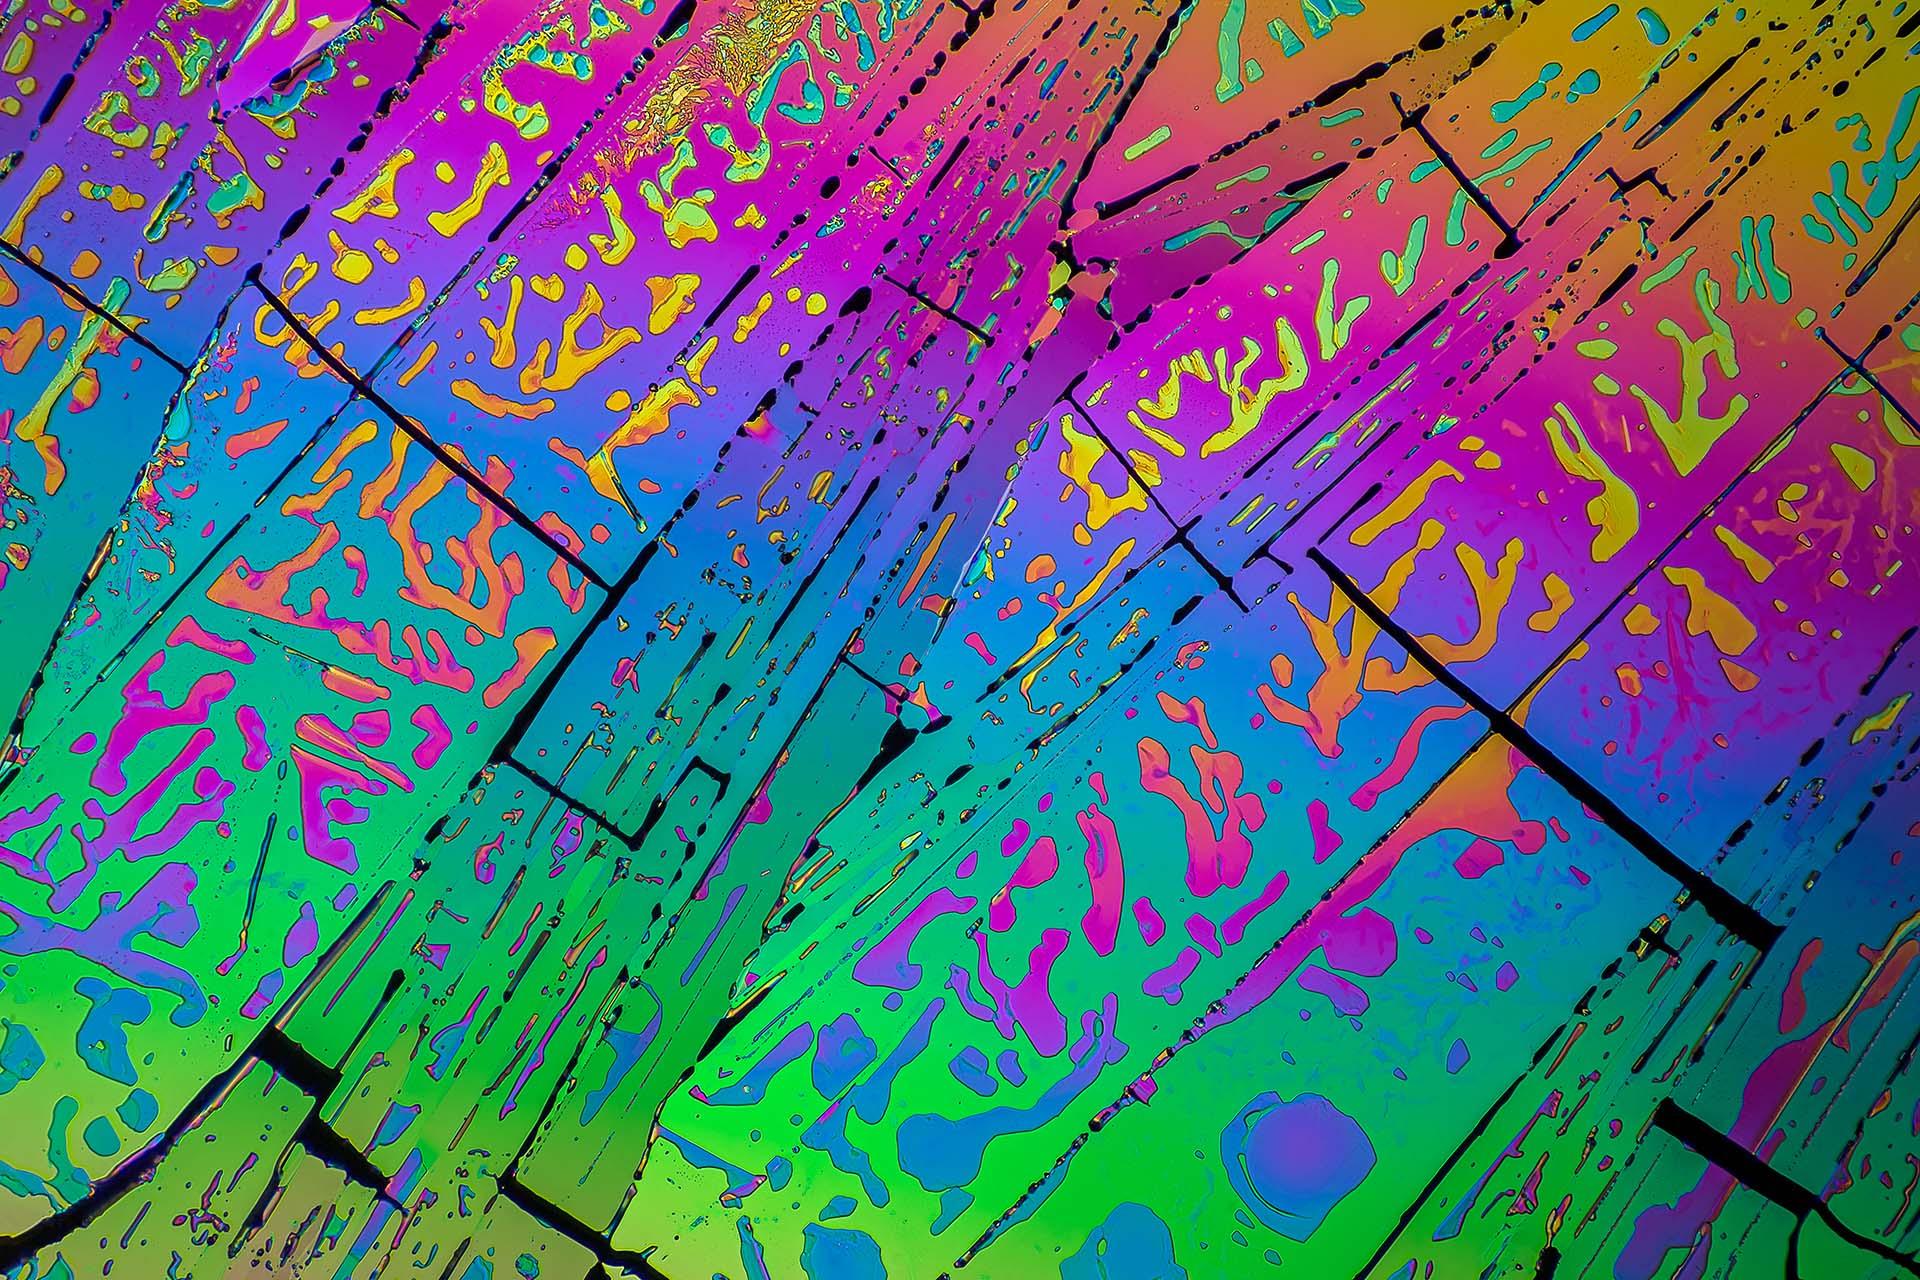 Oxalsäure in einer Vergrößerung von 120:1, Mikro Kristall im polarisierten Licht.